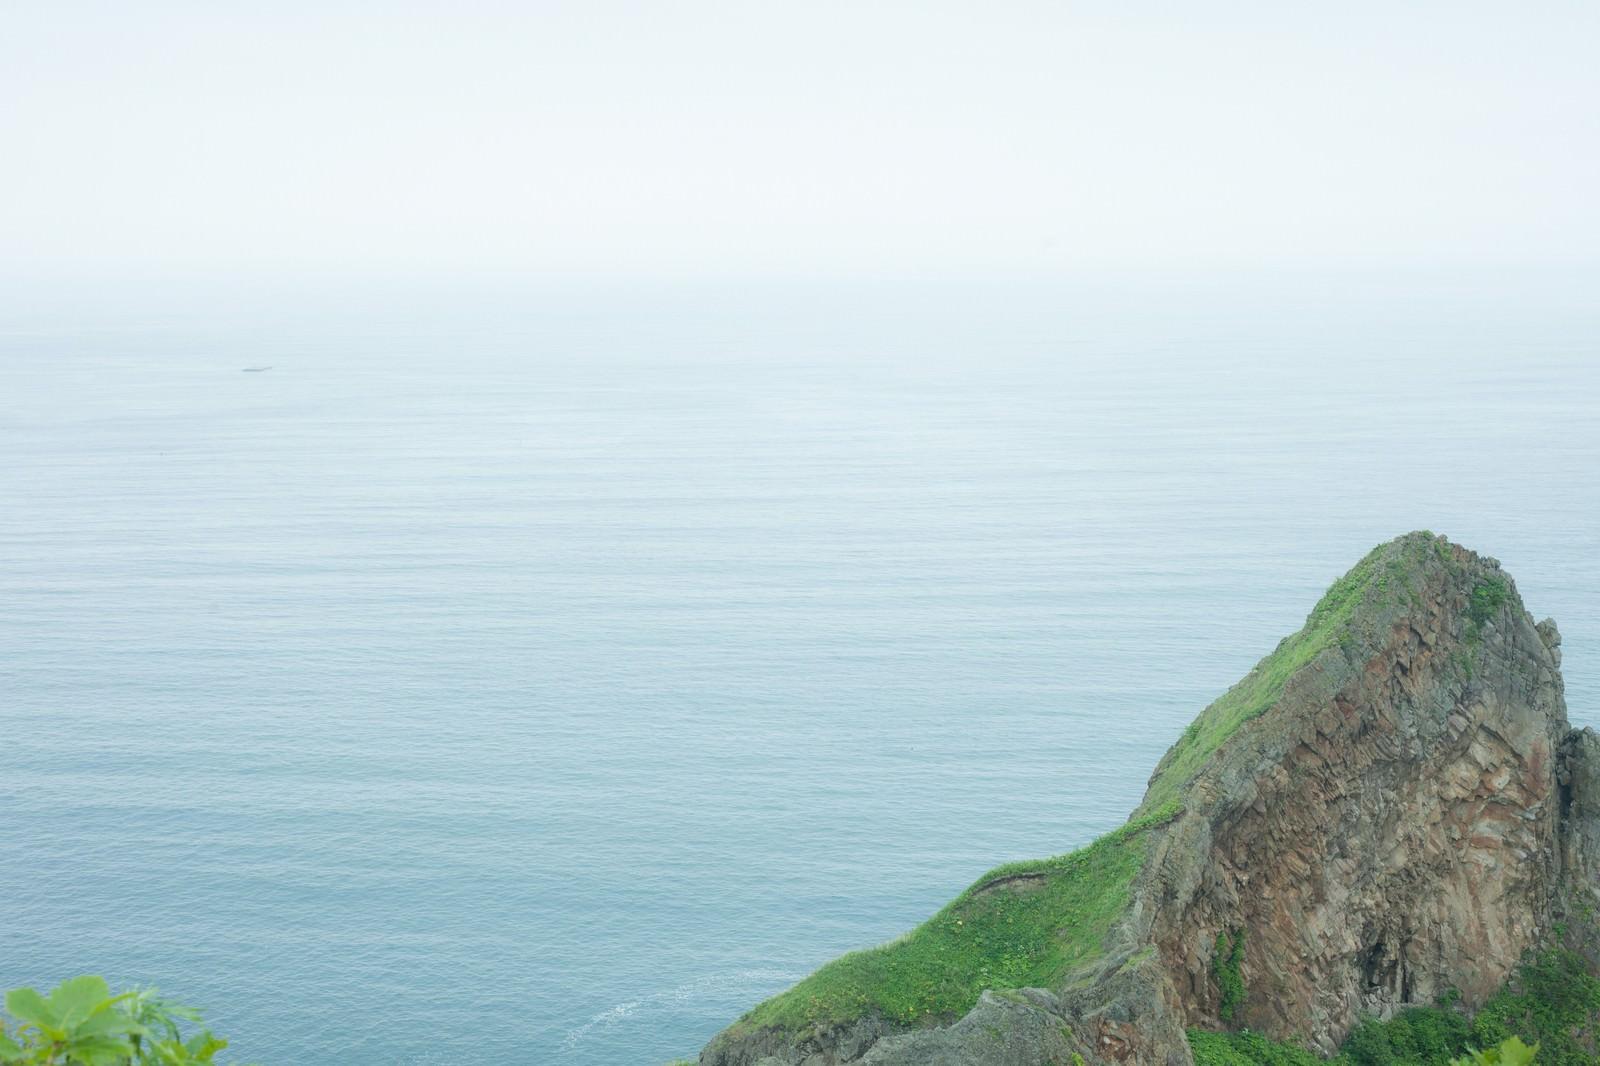 「静かな湖畔の岩の影から | 写真の無料素材・フリー素材 - ぱくたそ」の写真